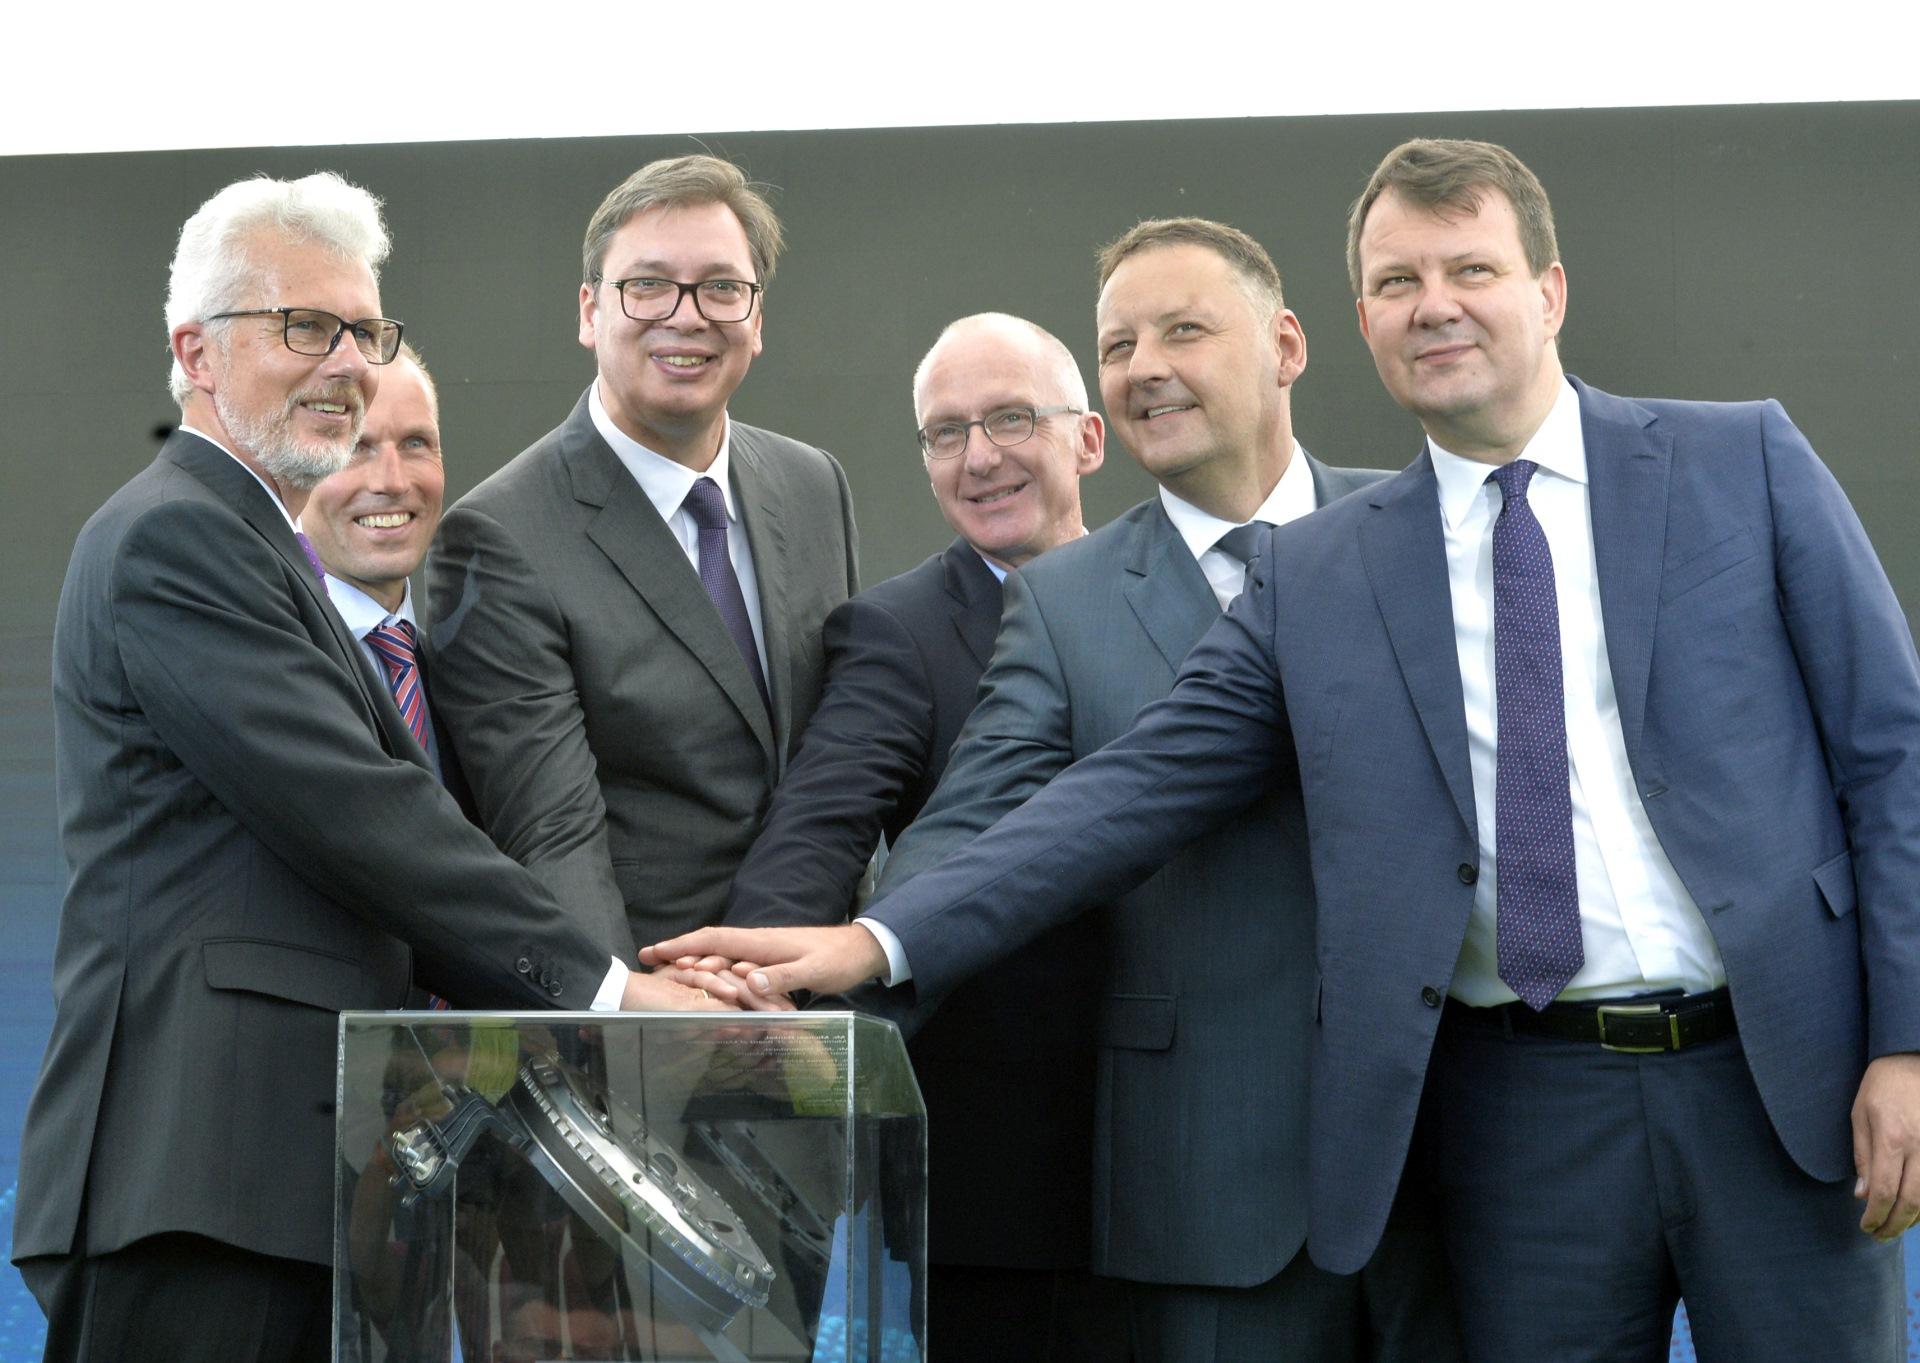 Nemacka kompanija ZF otvorila je danas fabriku autodelova u Pancevu, u prisustvu predsednika Srbije Aleksandra Vucica.